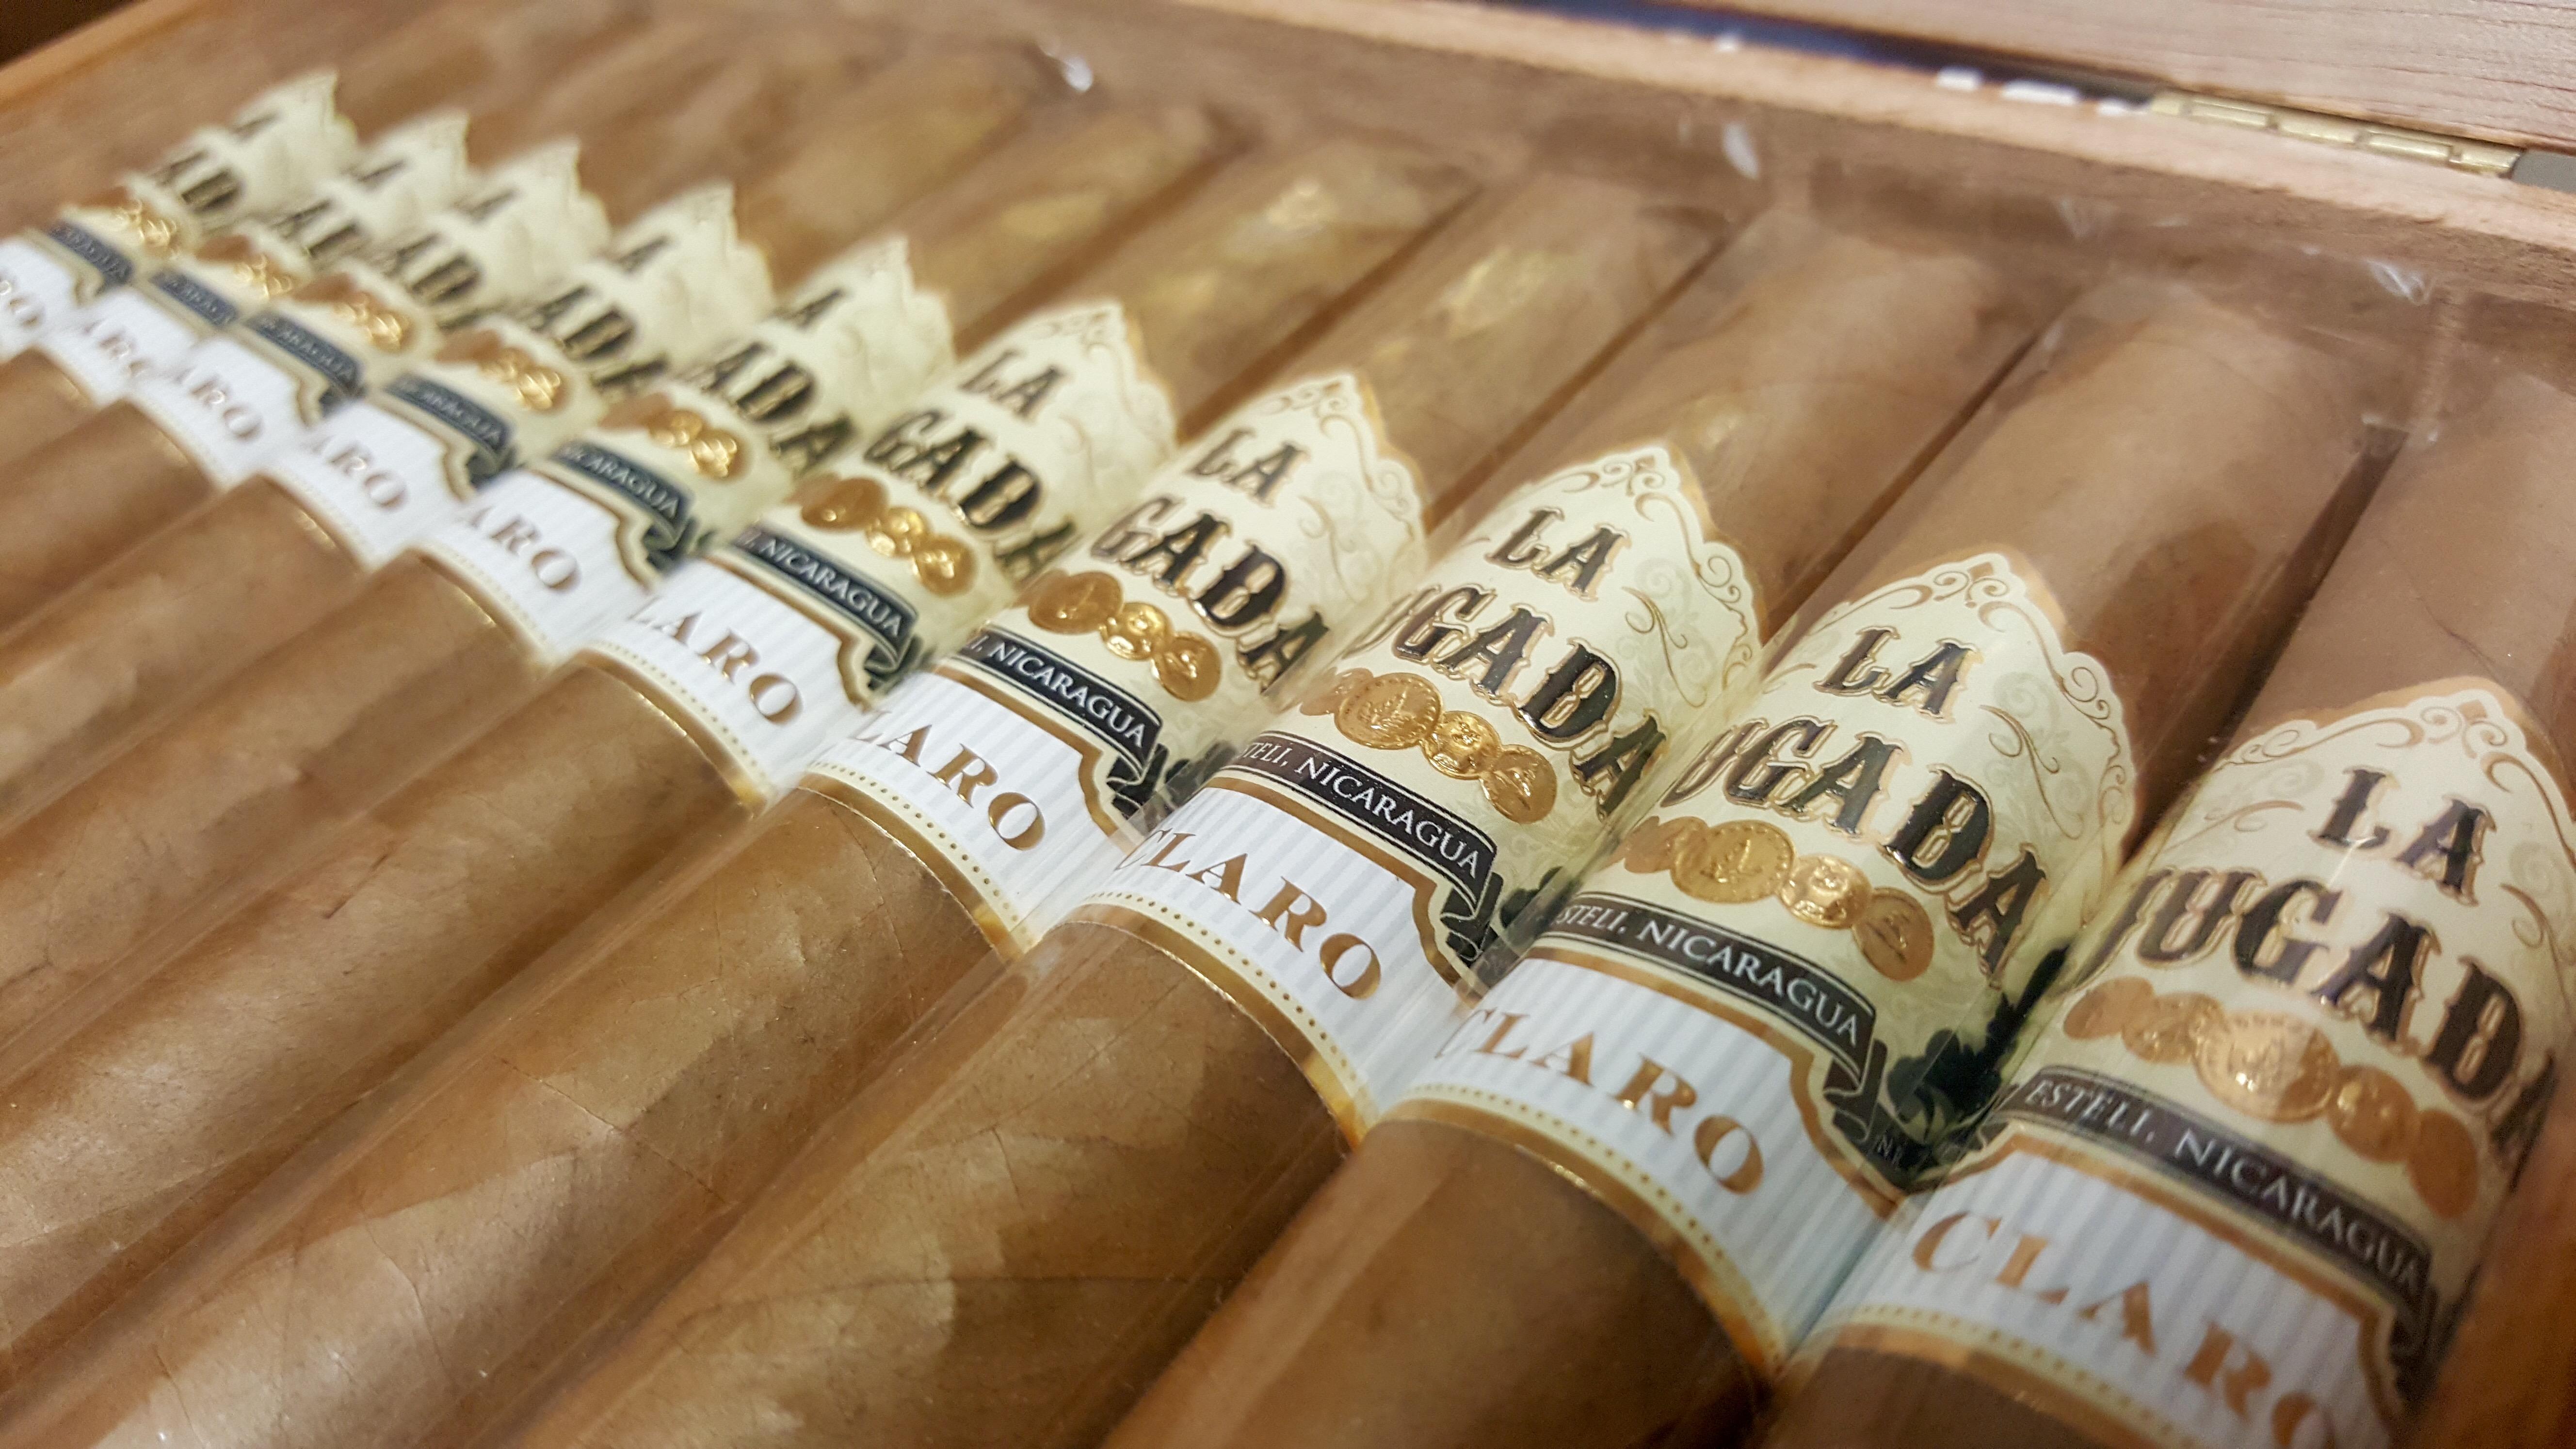 Cigar News: MoyaRuiz to Release La Jugada Claro